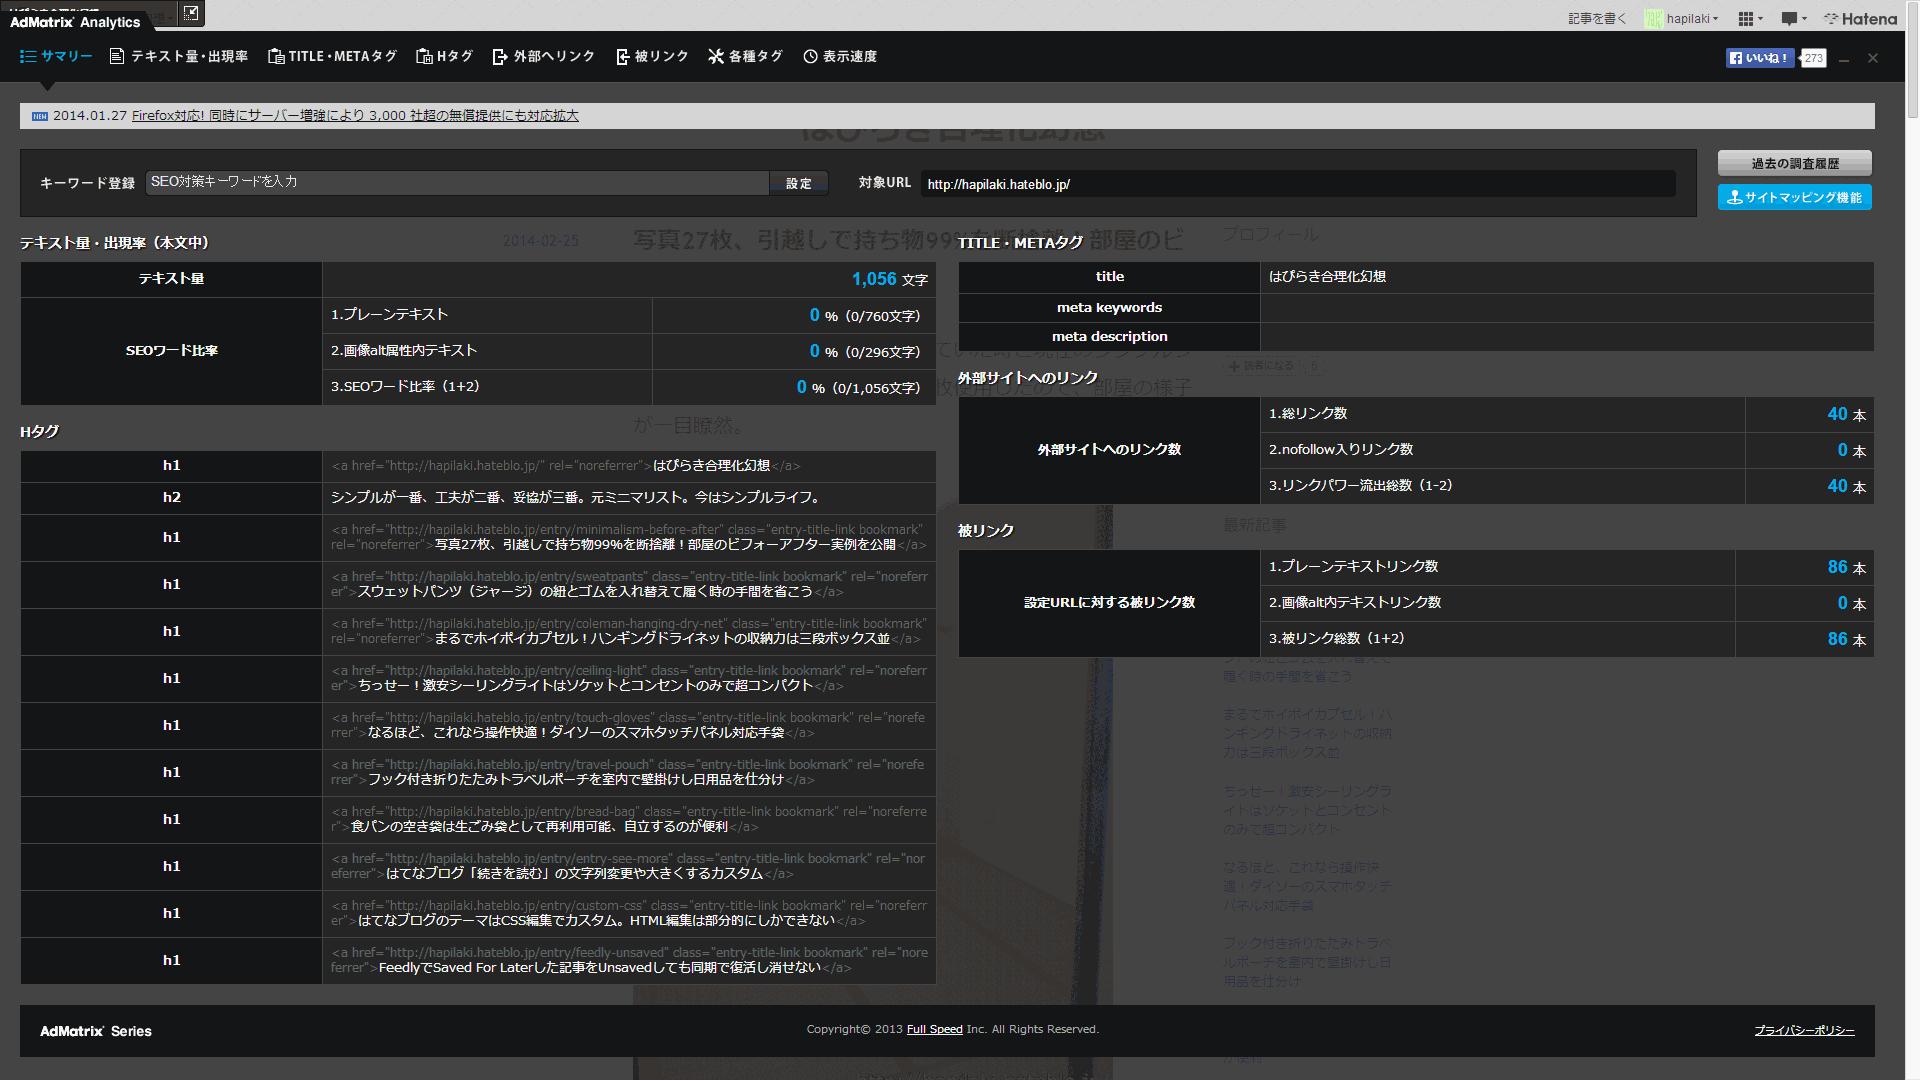 「AdMatrix Analytics」のキャプチャー画像2